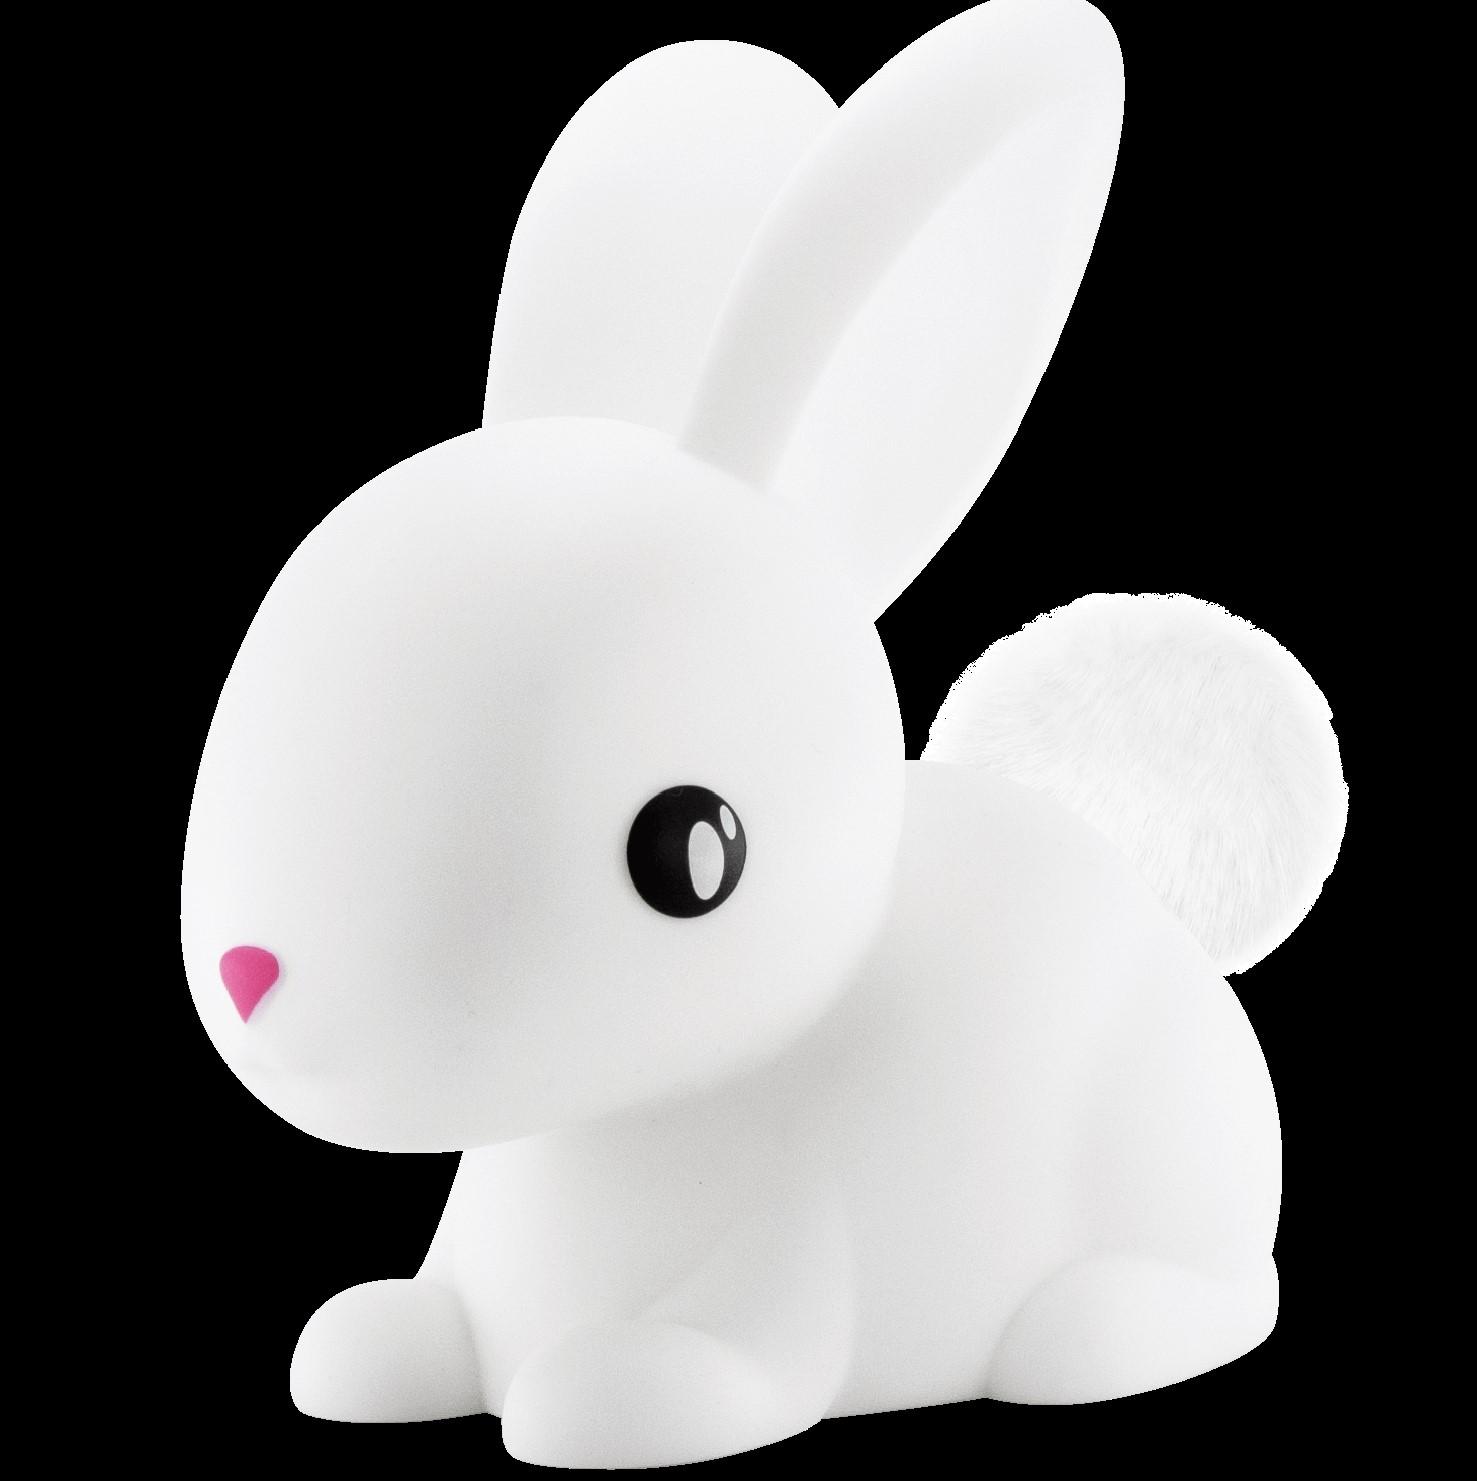 מנורת לילה לחדר ילדים ארנב לבן